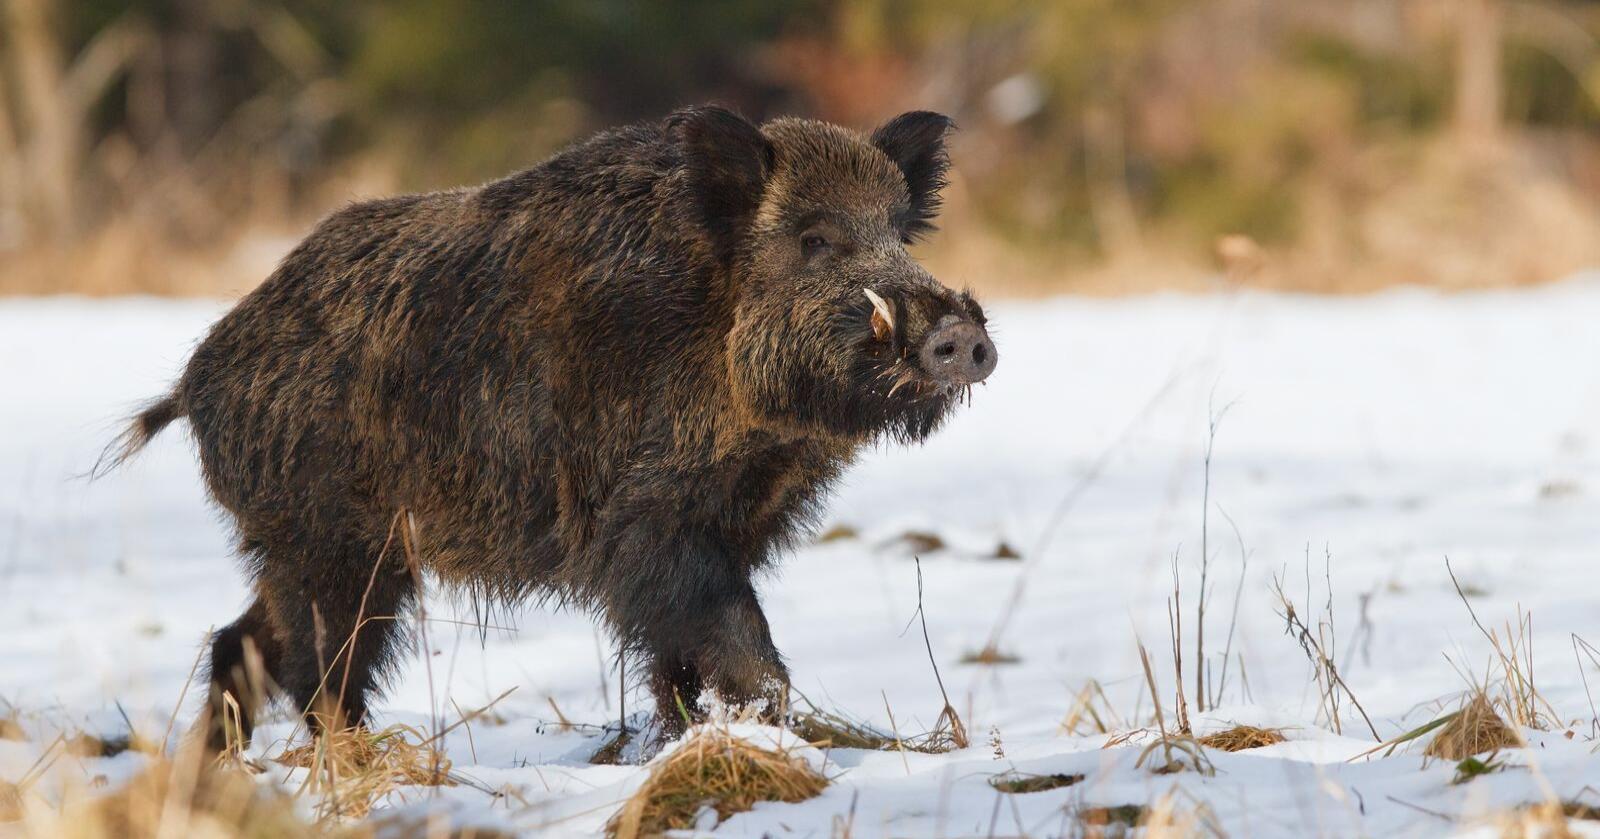 Elvia tok ikke sjansen på å sende ut montører til Eidskog torsdag kveld, på grunn av aggressive og uforutsigbare villsvin i området. Mørkt var det også. Først etter et halvt døgn, fikk kundene strømmen tilbake, ifølge NRK Innlandet. Foto: Shutterstock